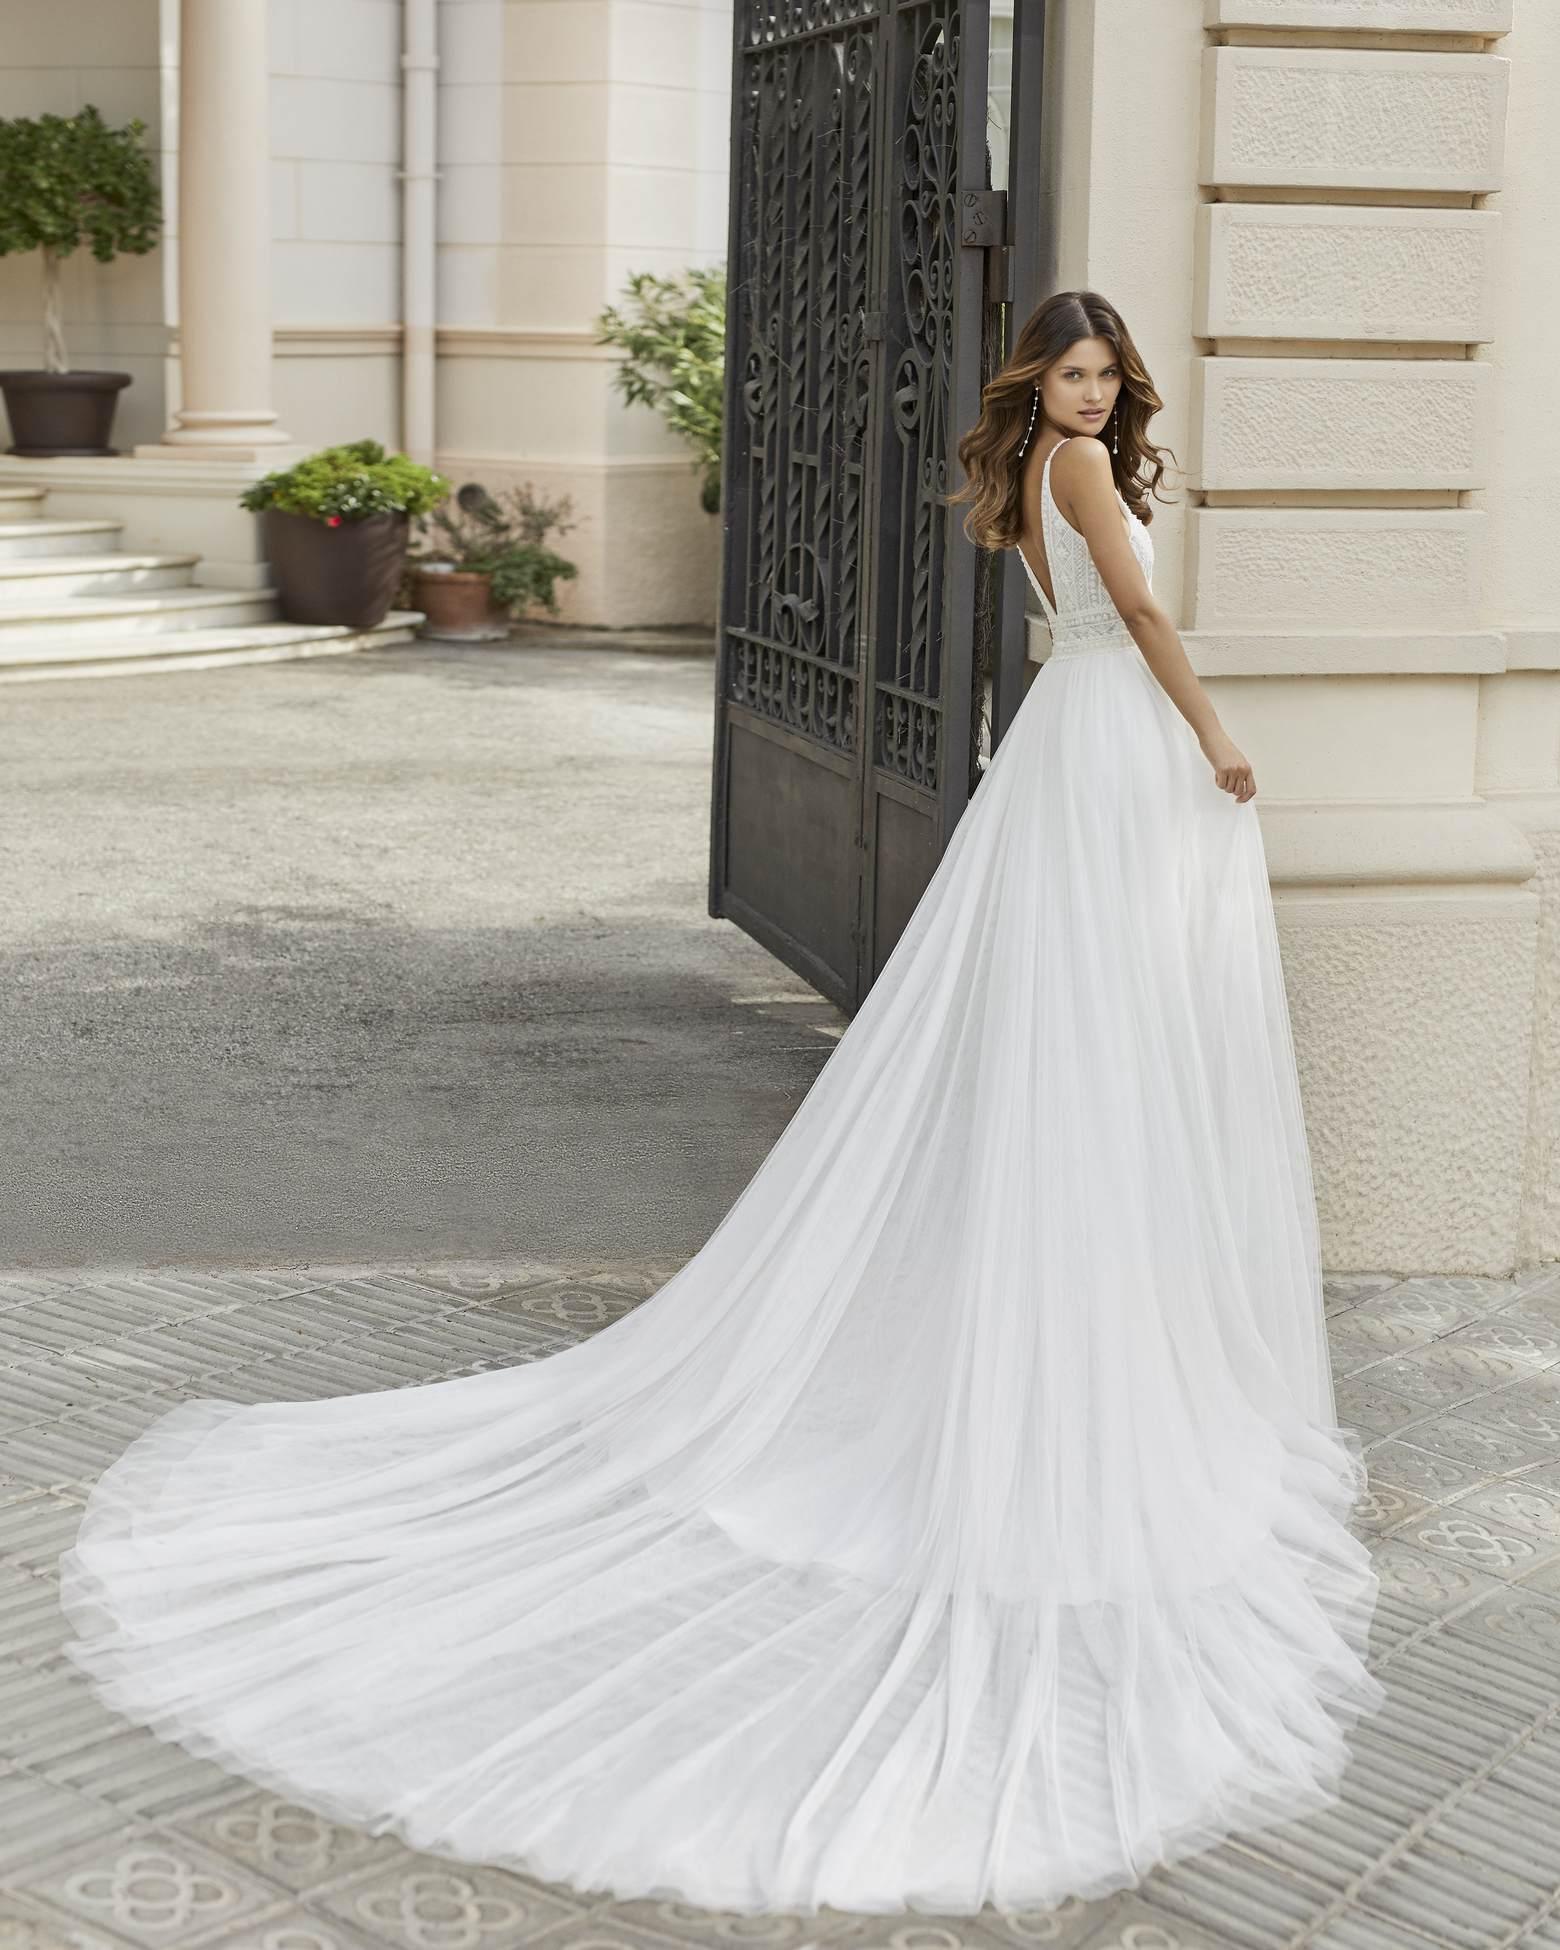 Rosa Clará 2021 esküvői ruha: Tango